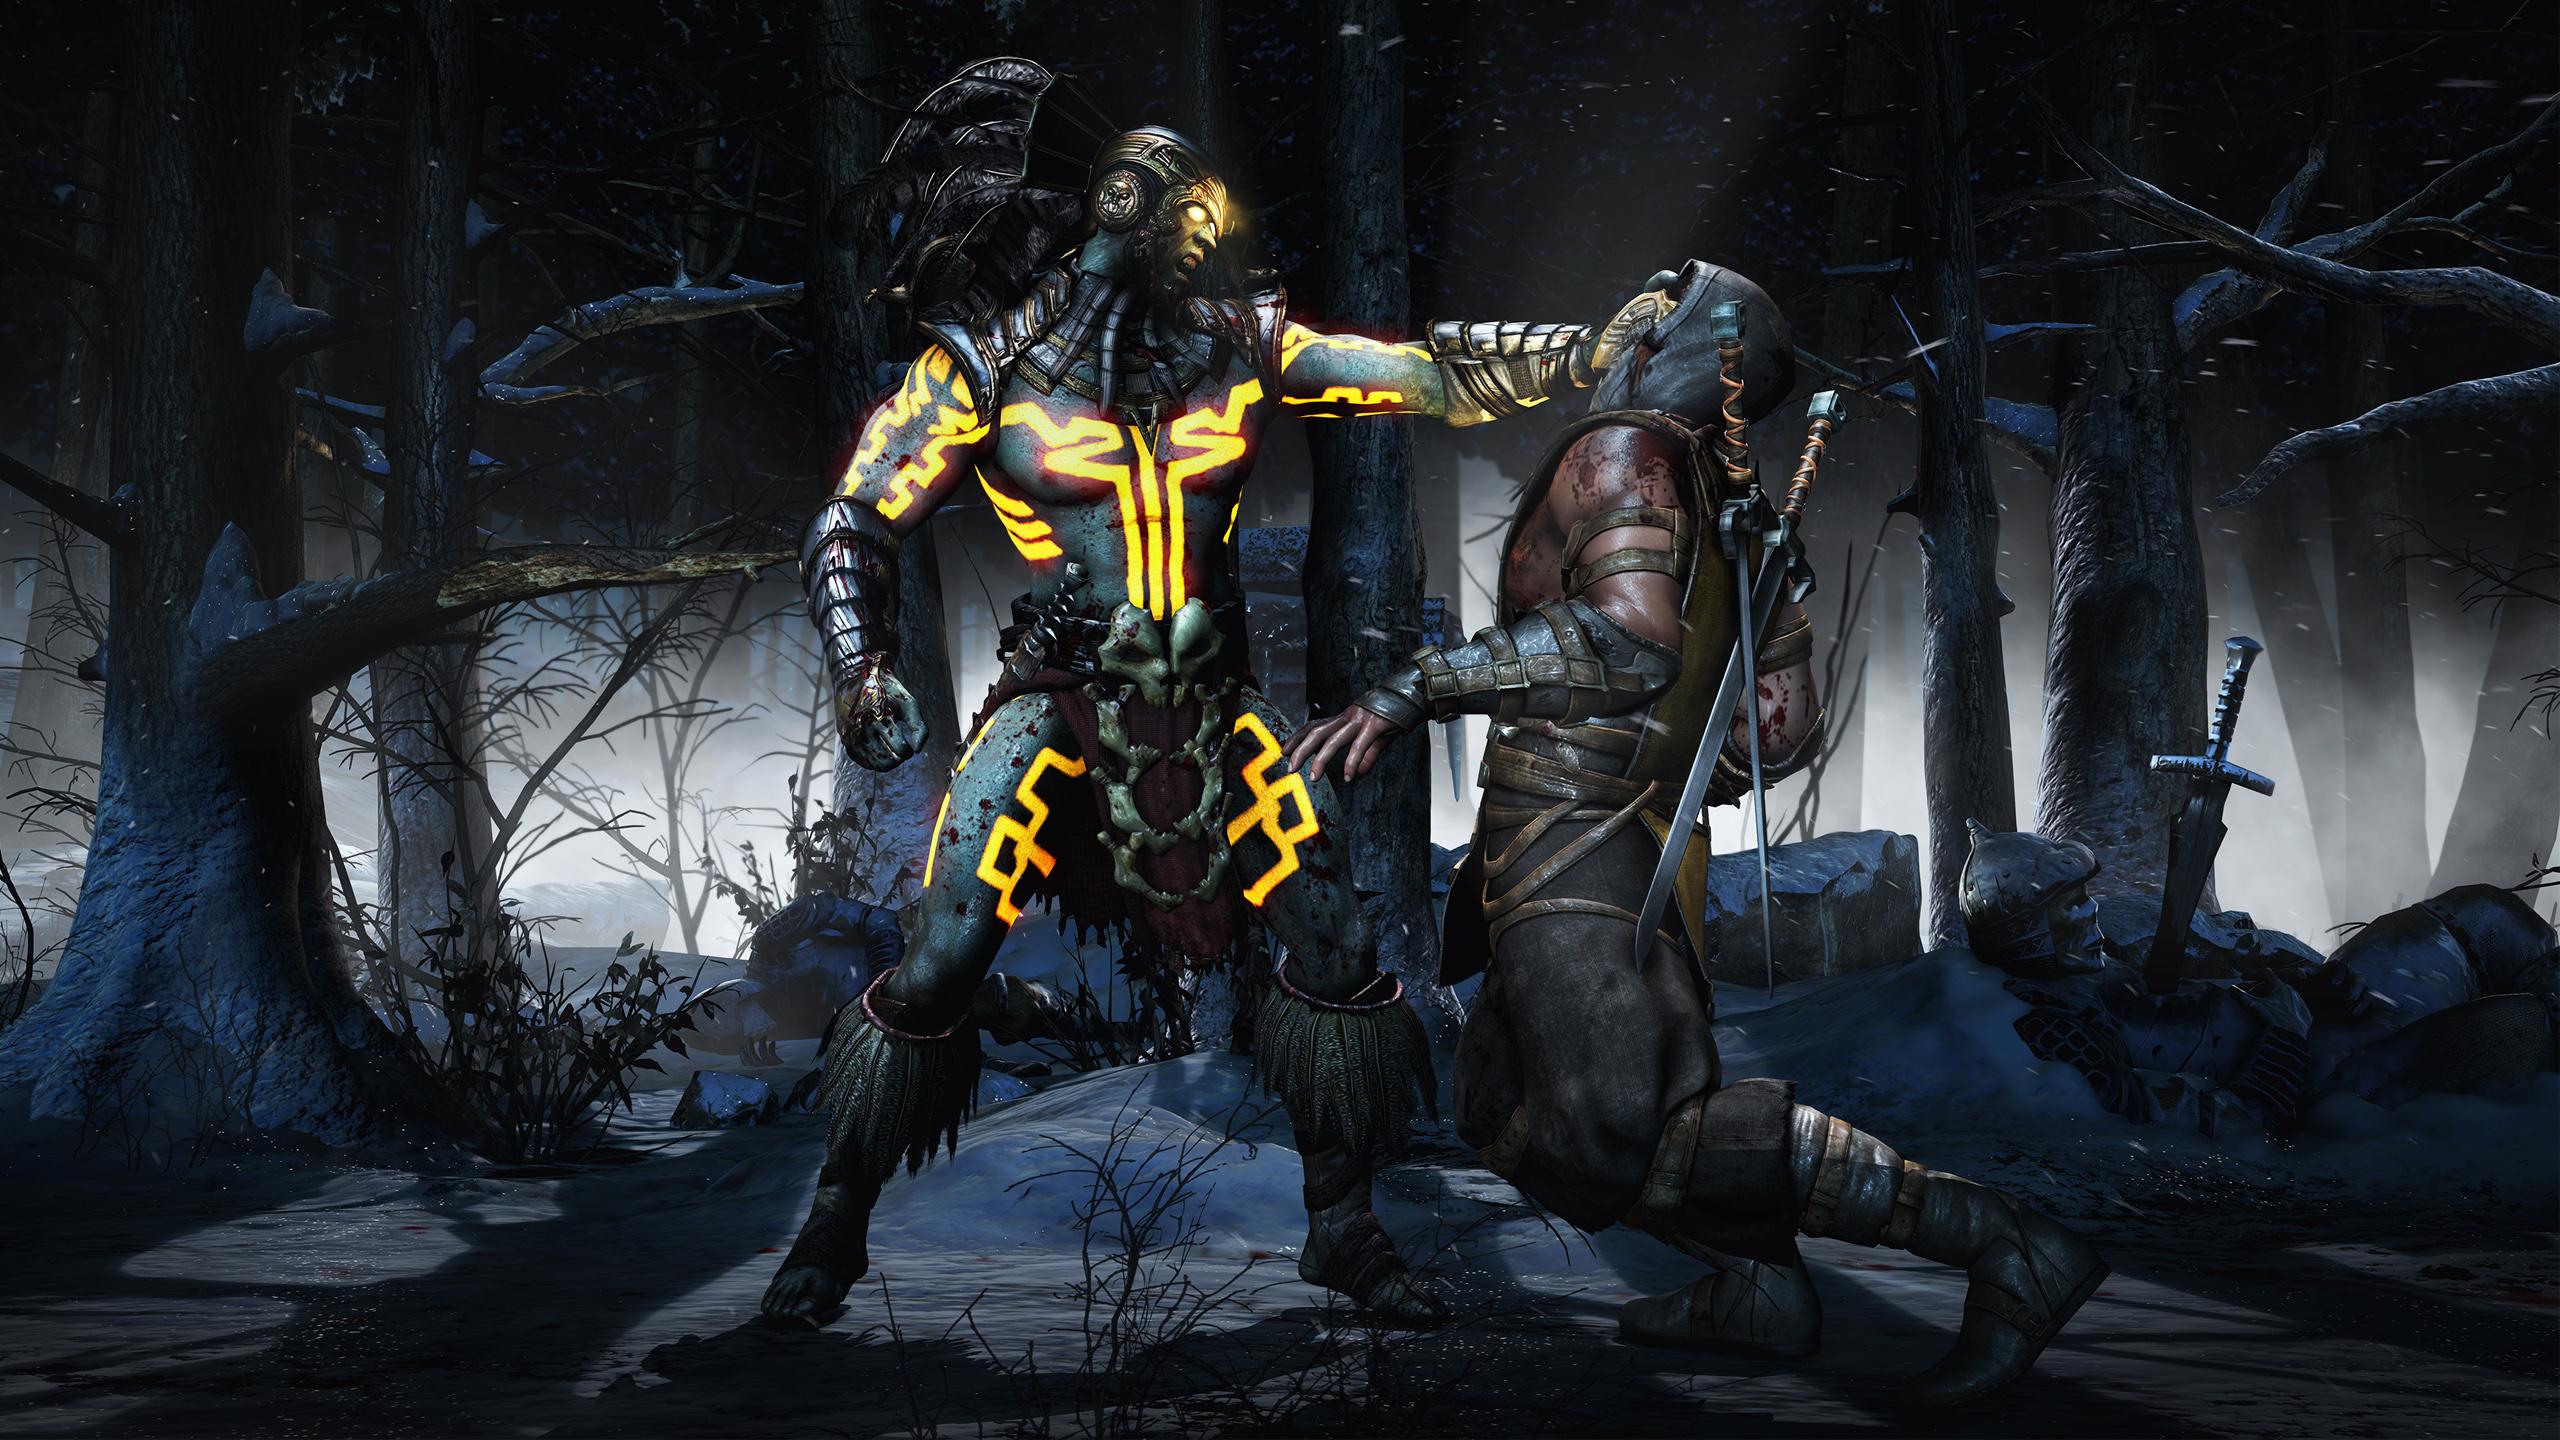 71 Mortal Kombat X Wallpaper Hd